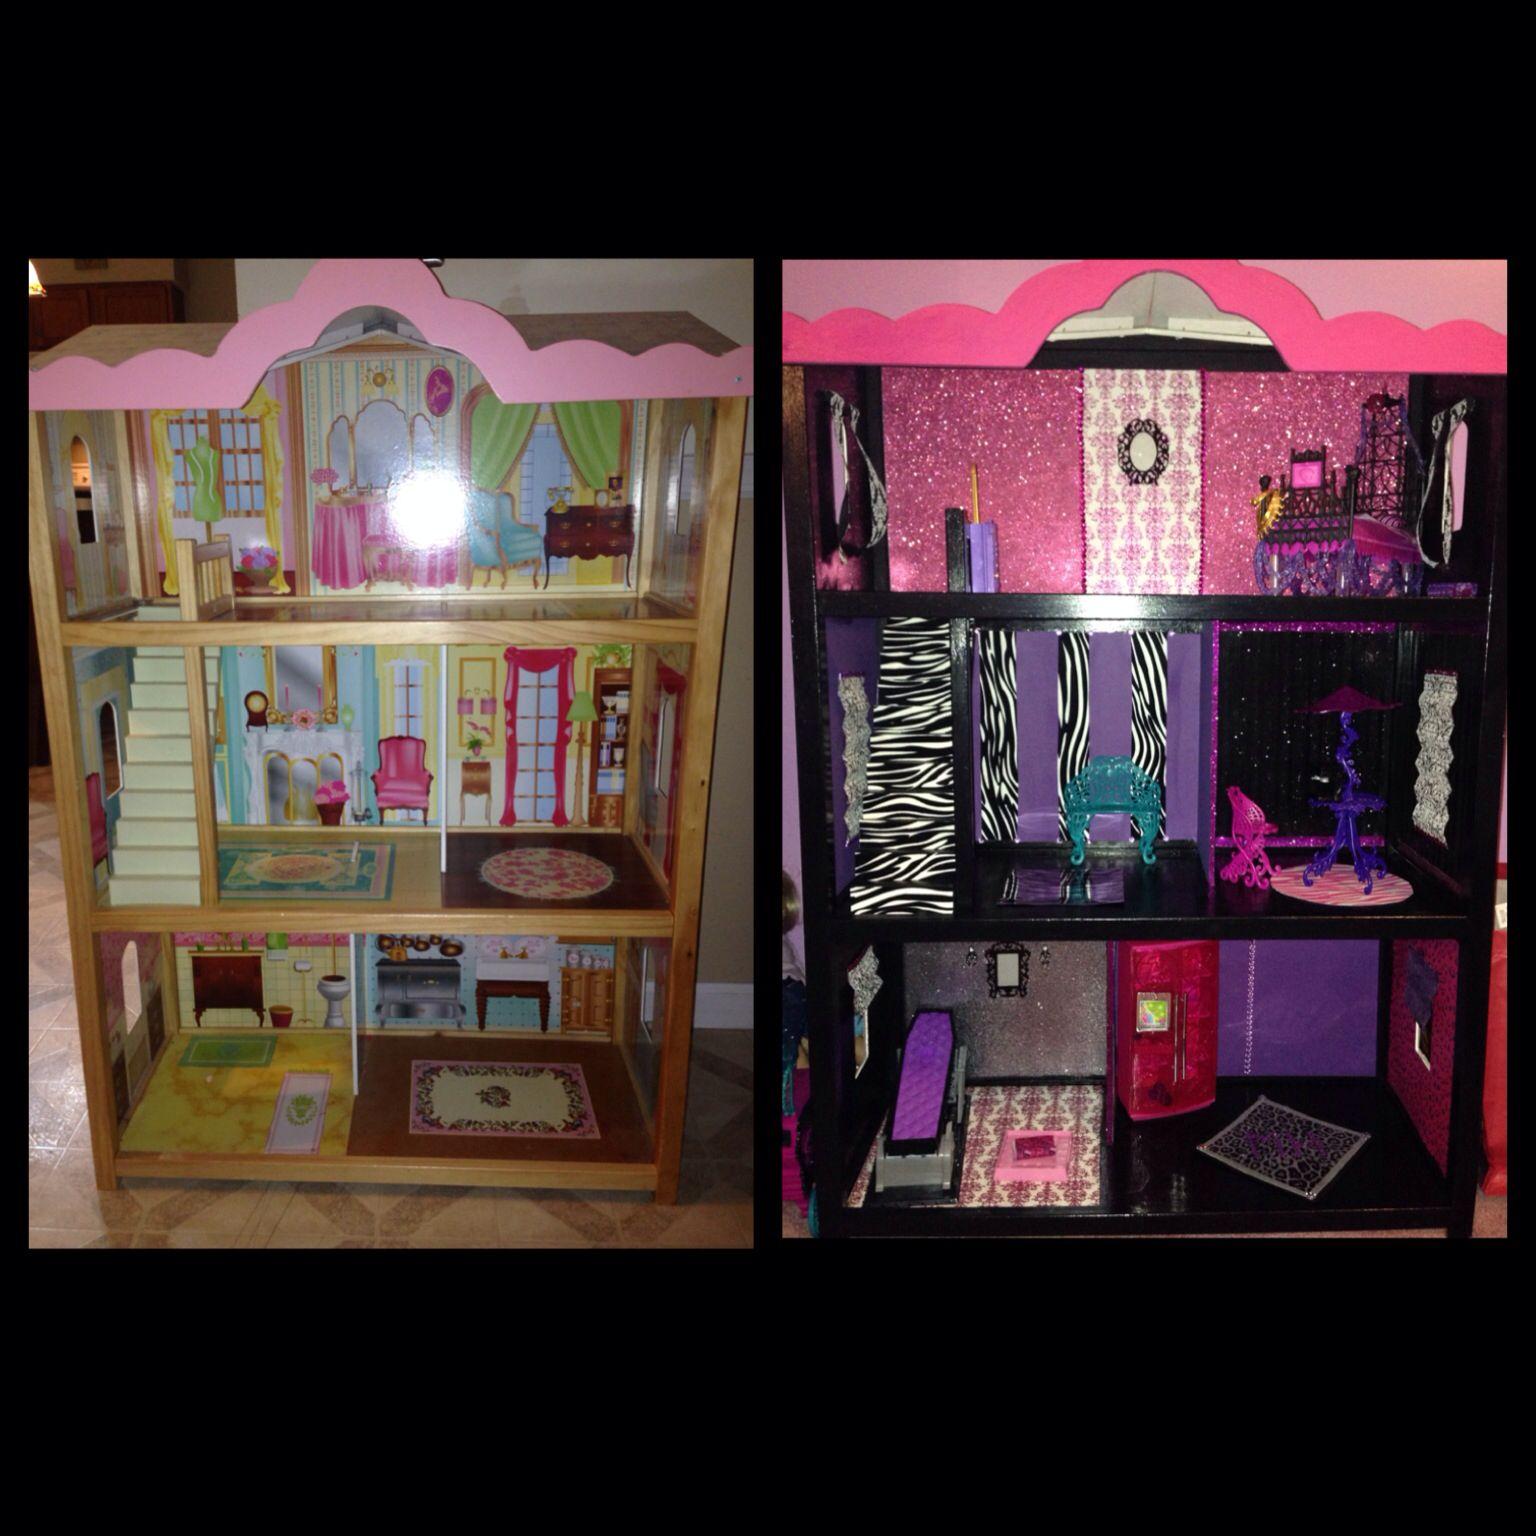 Monster High Doll House KiKi Pinterest Monster High House